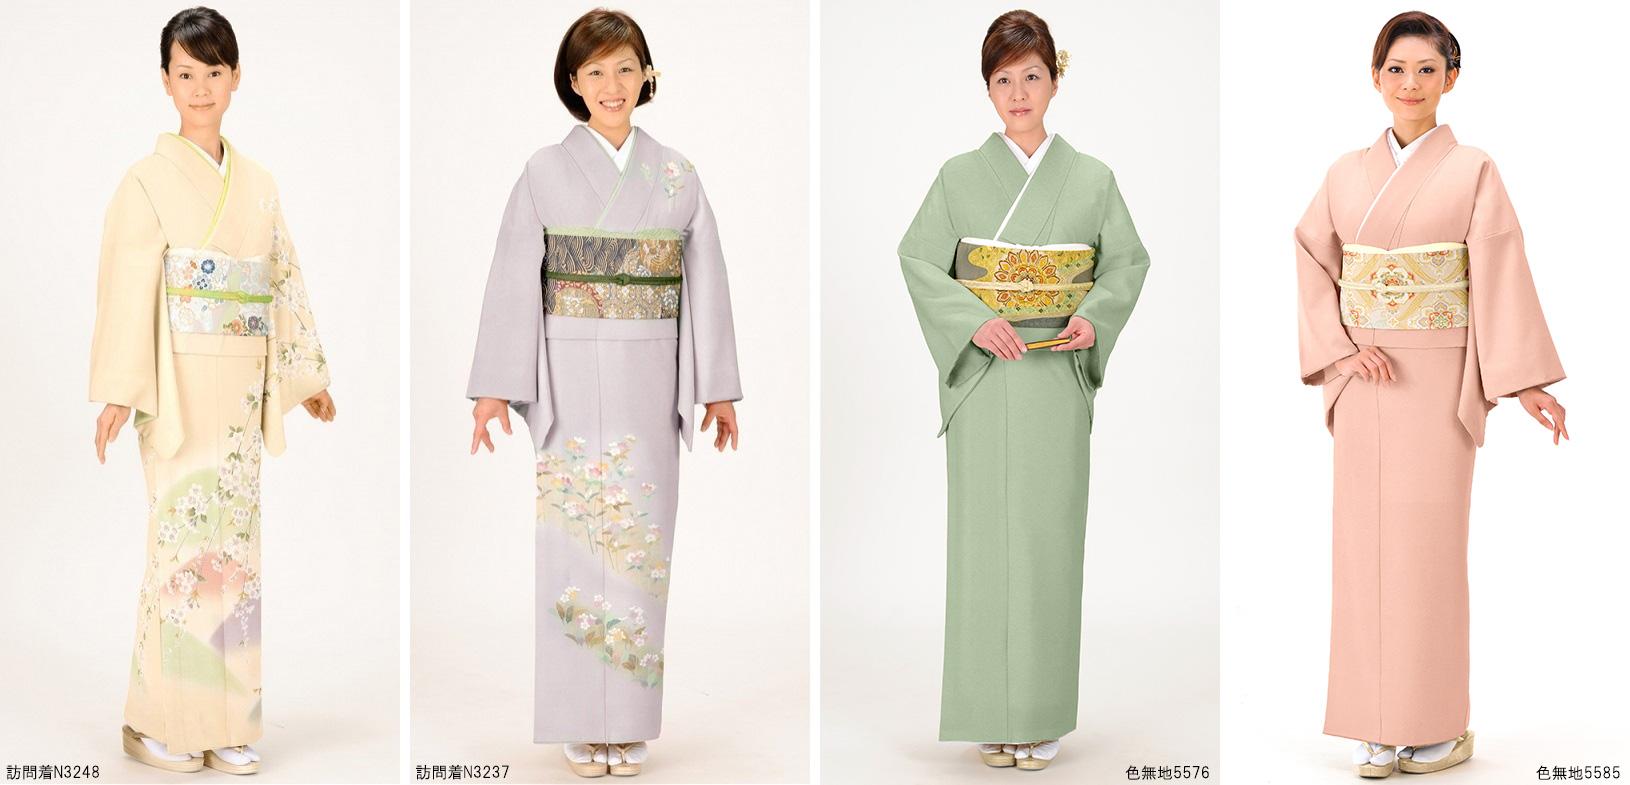 着物 入学 式 入園・入学式で「着物デビュー」したいママへ! 知っておきたい着物の格や小物のポイントとは